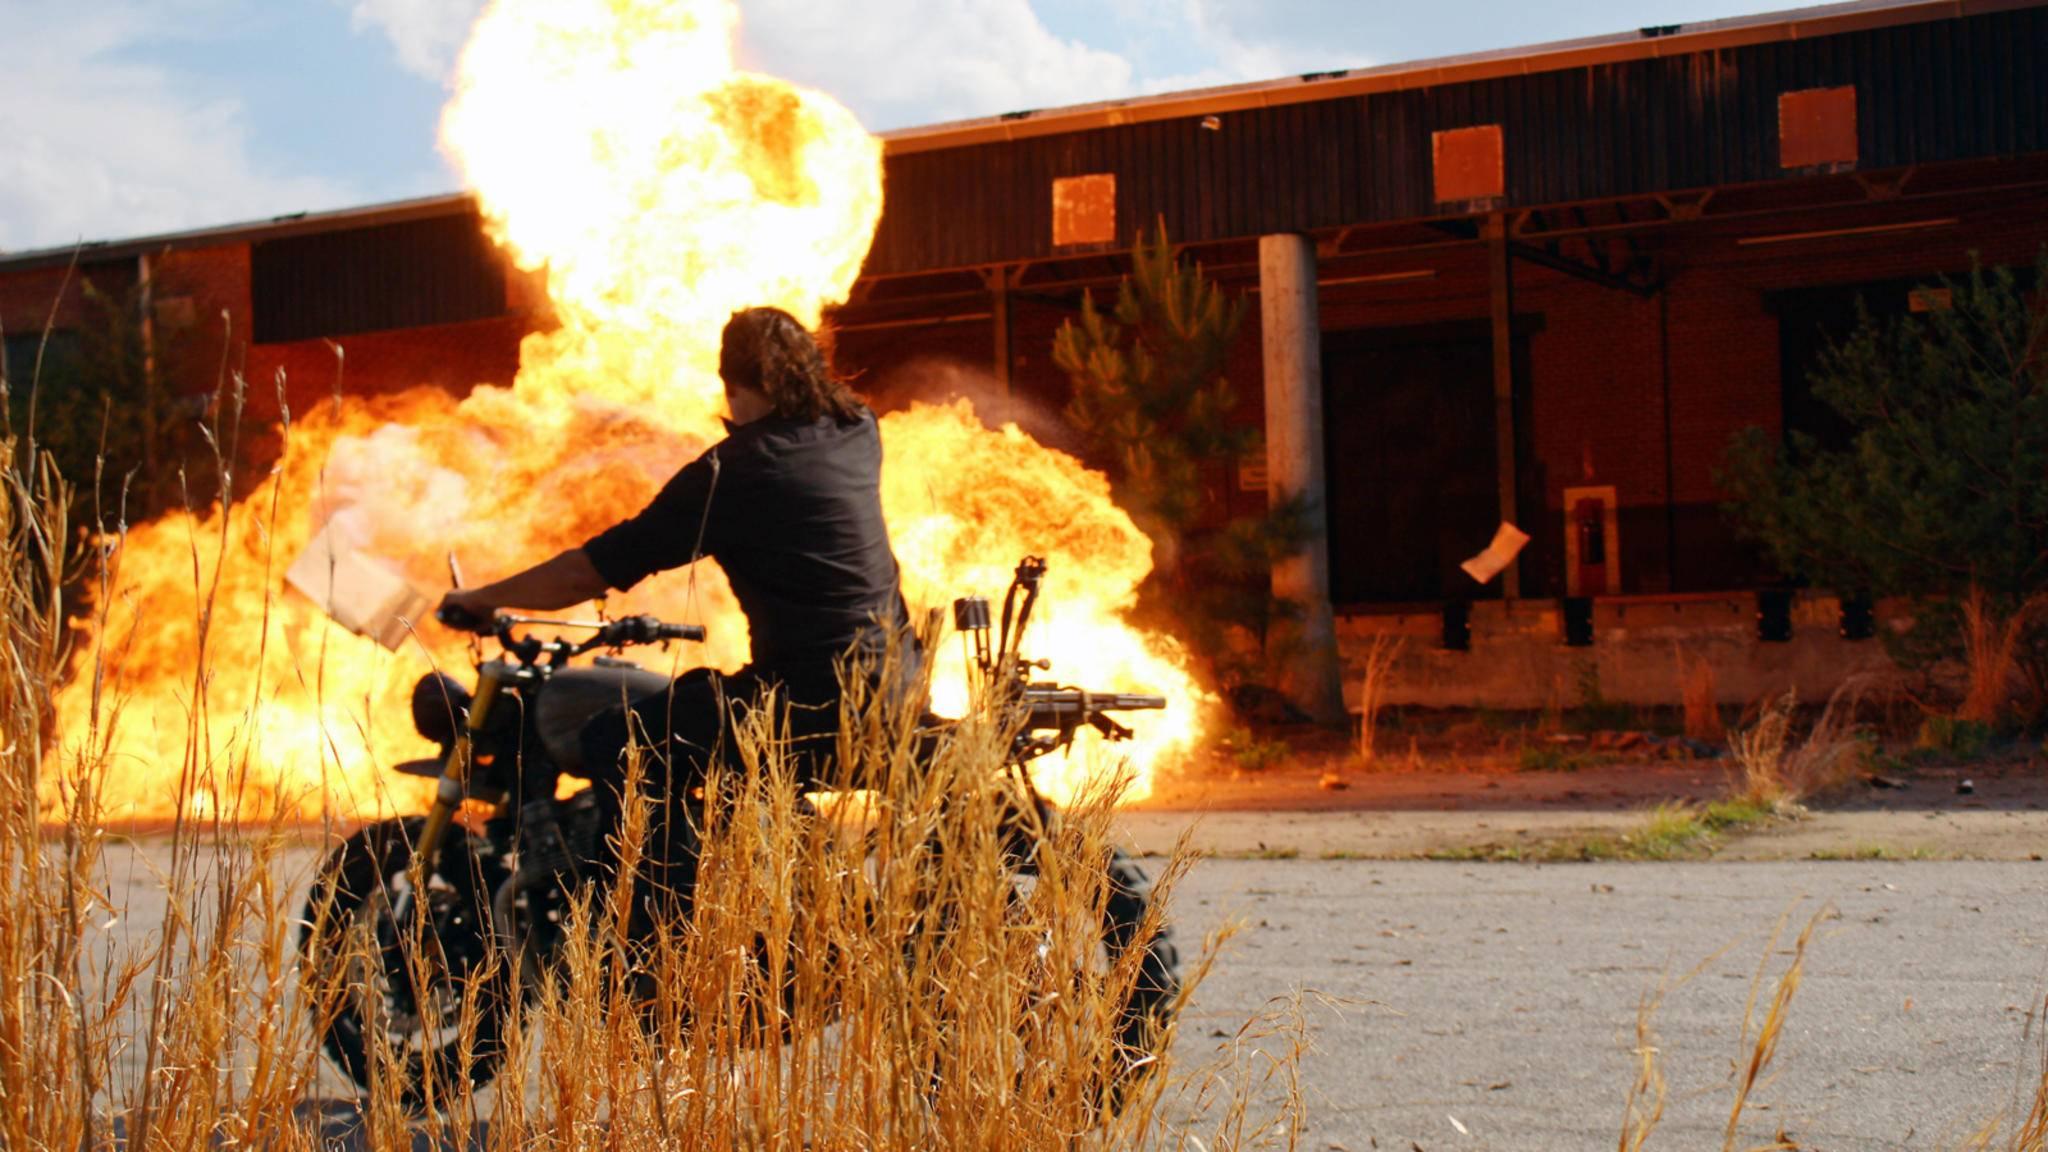 ... bei voller Fahrt zielgenau explodieren.